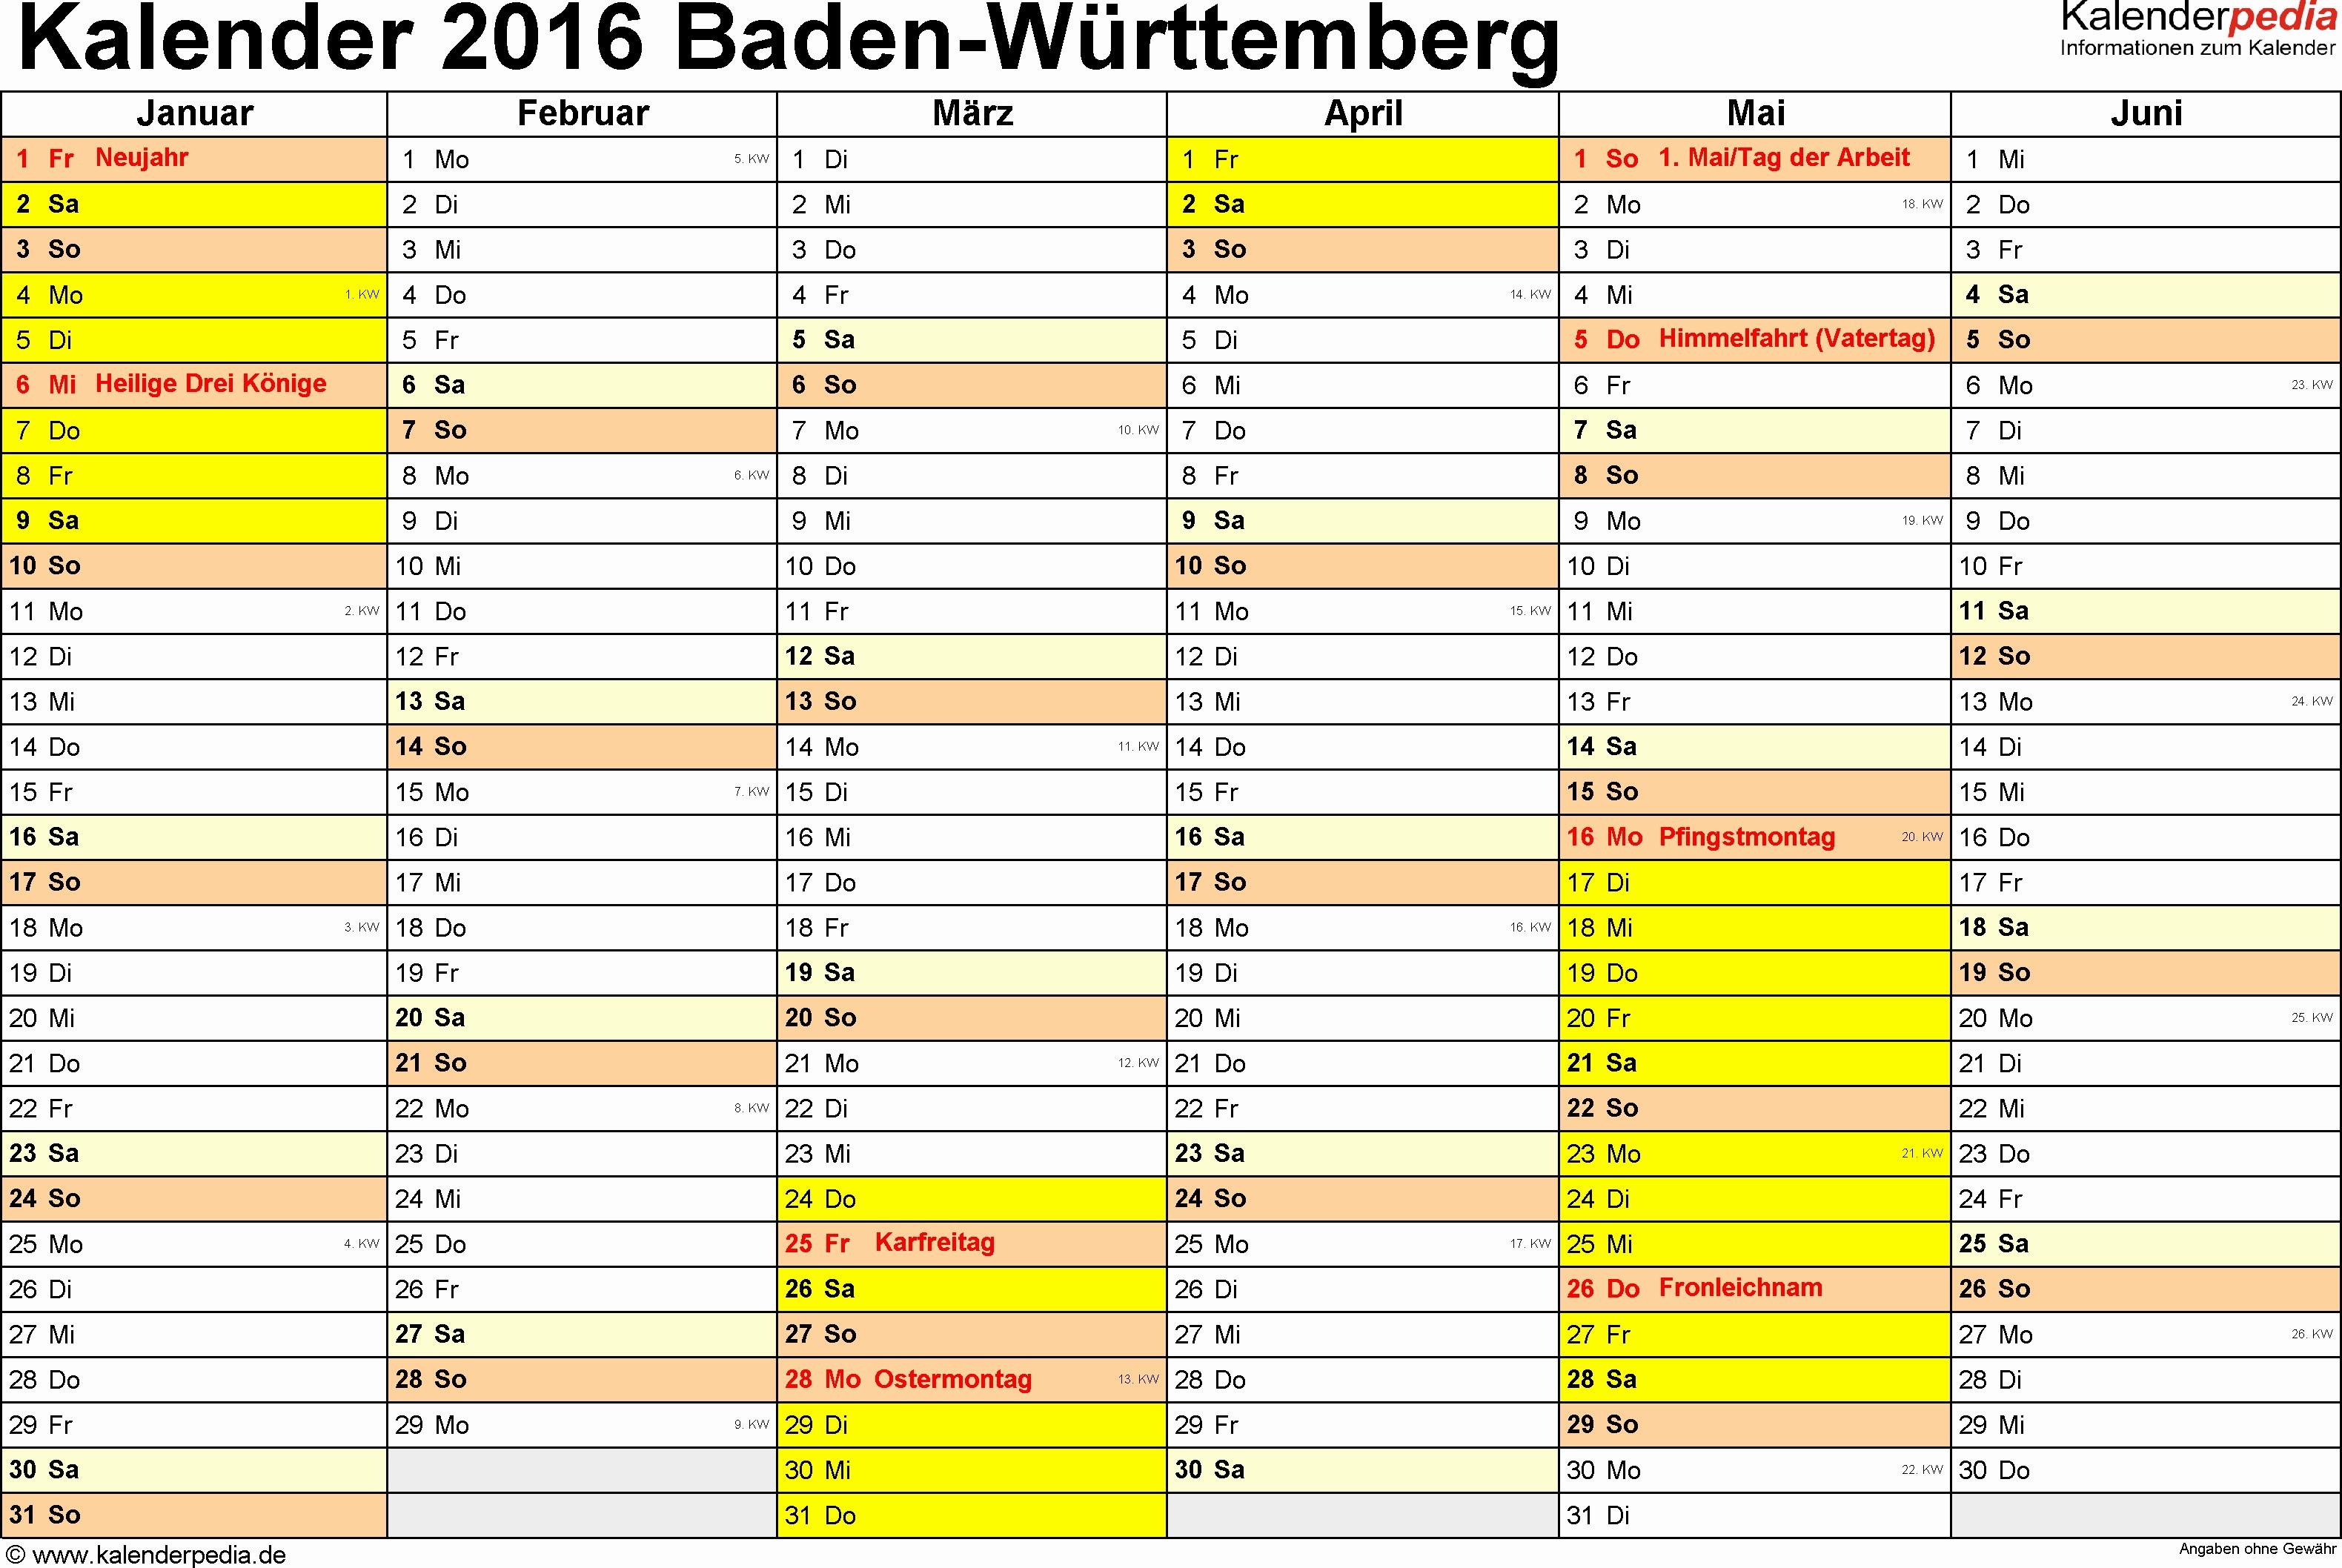 Kalender 2019 Pdf Drucken Más Caliente Kalender 2016 Mit Feiertagen Pdf Luxe Kalender 2019 Mit Ferien Und